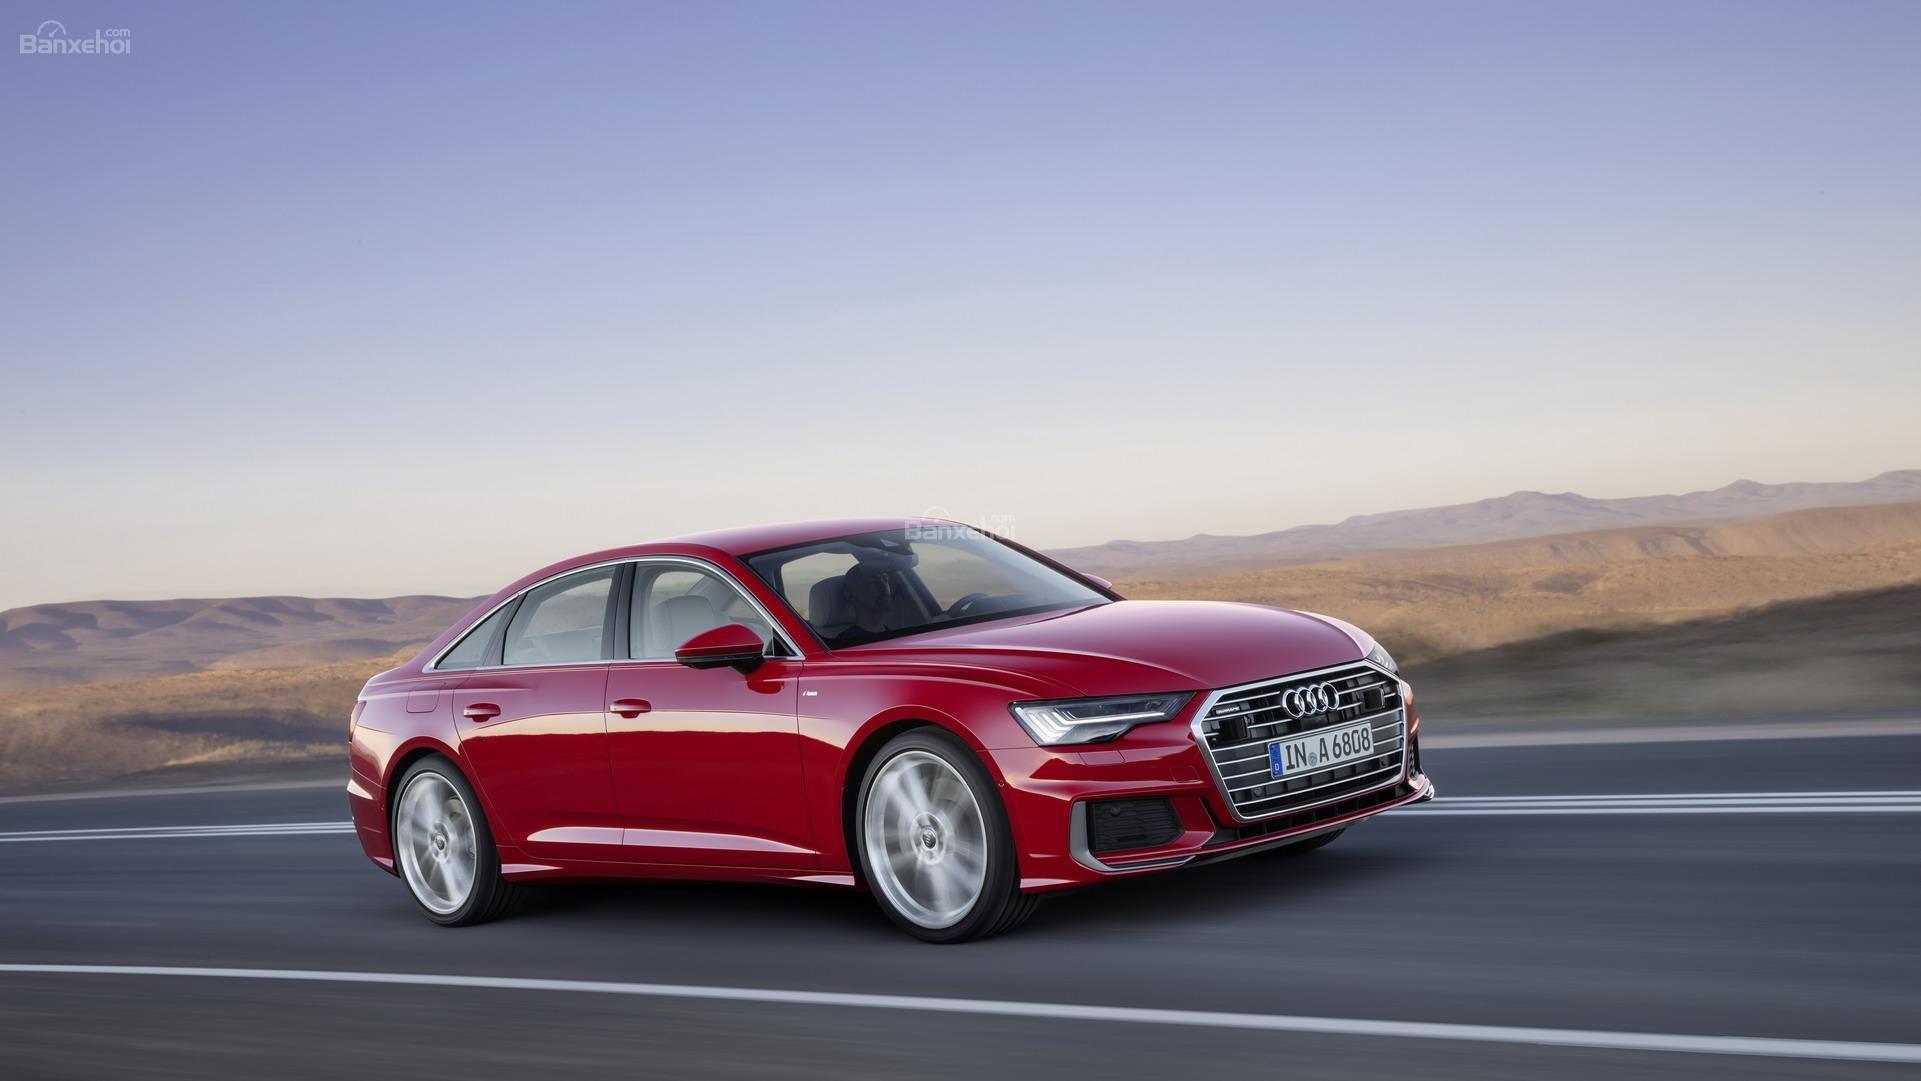 Đánh giá xe Audi A6 2019 về cảm giác lái 2